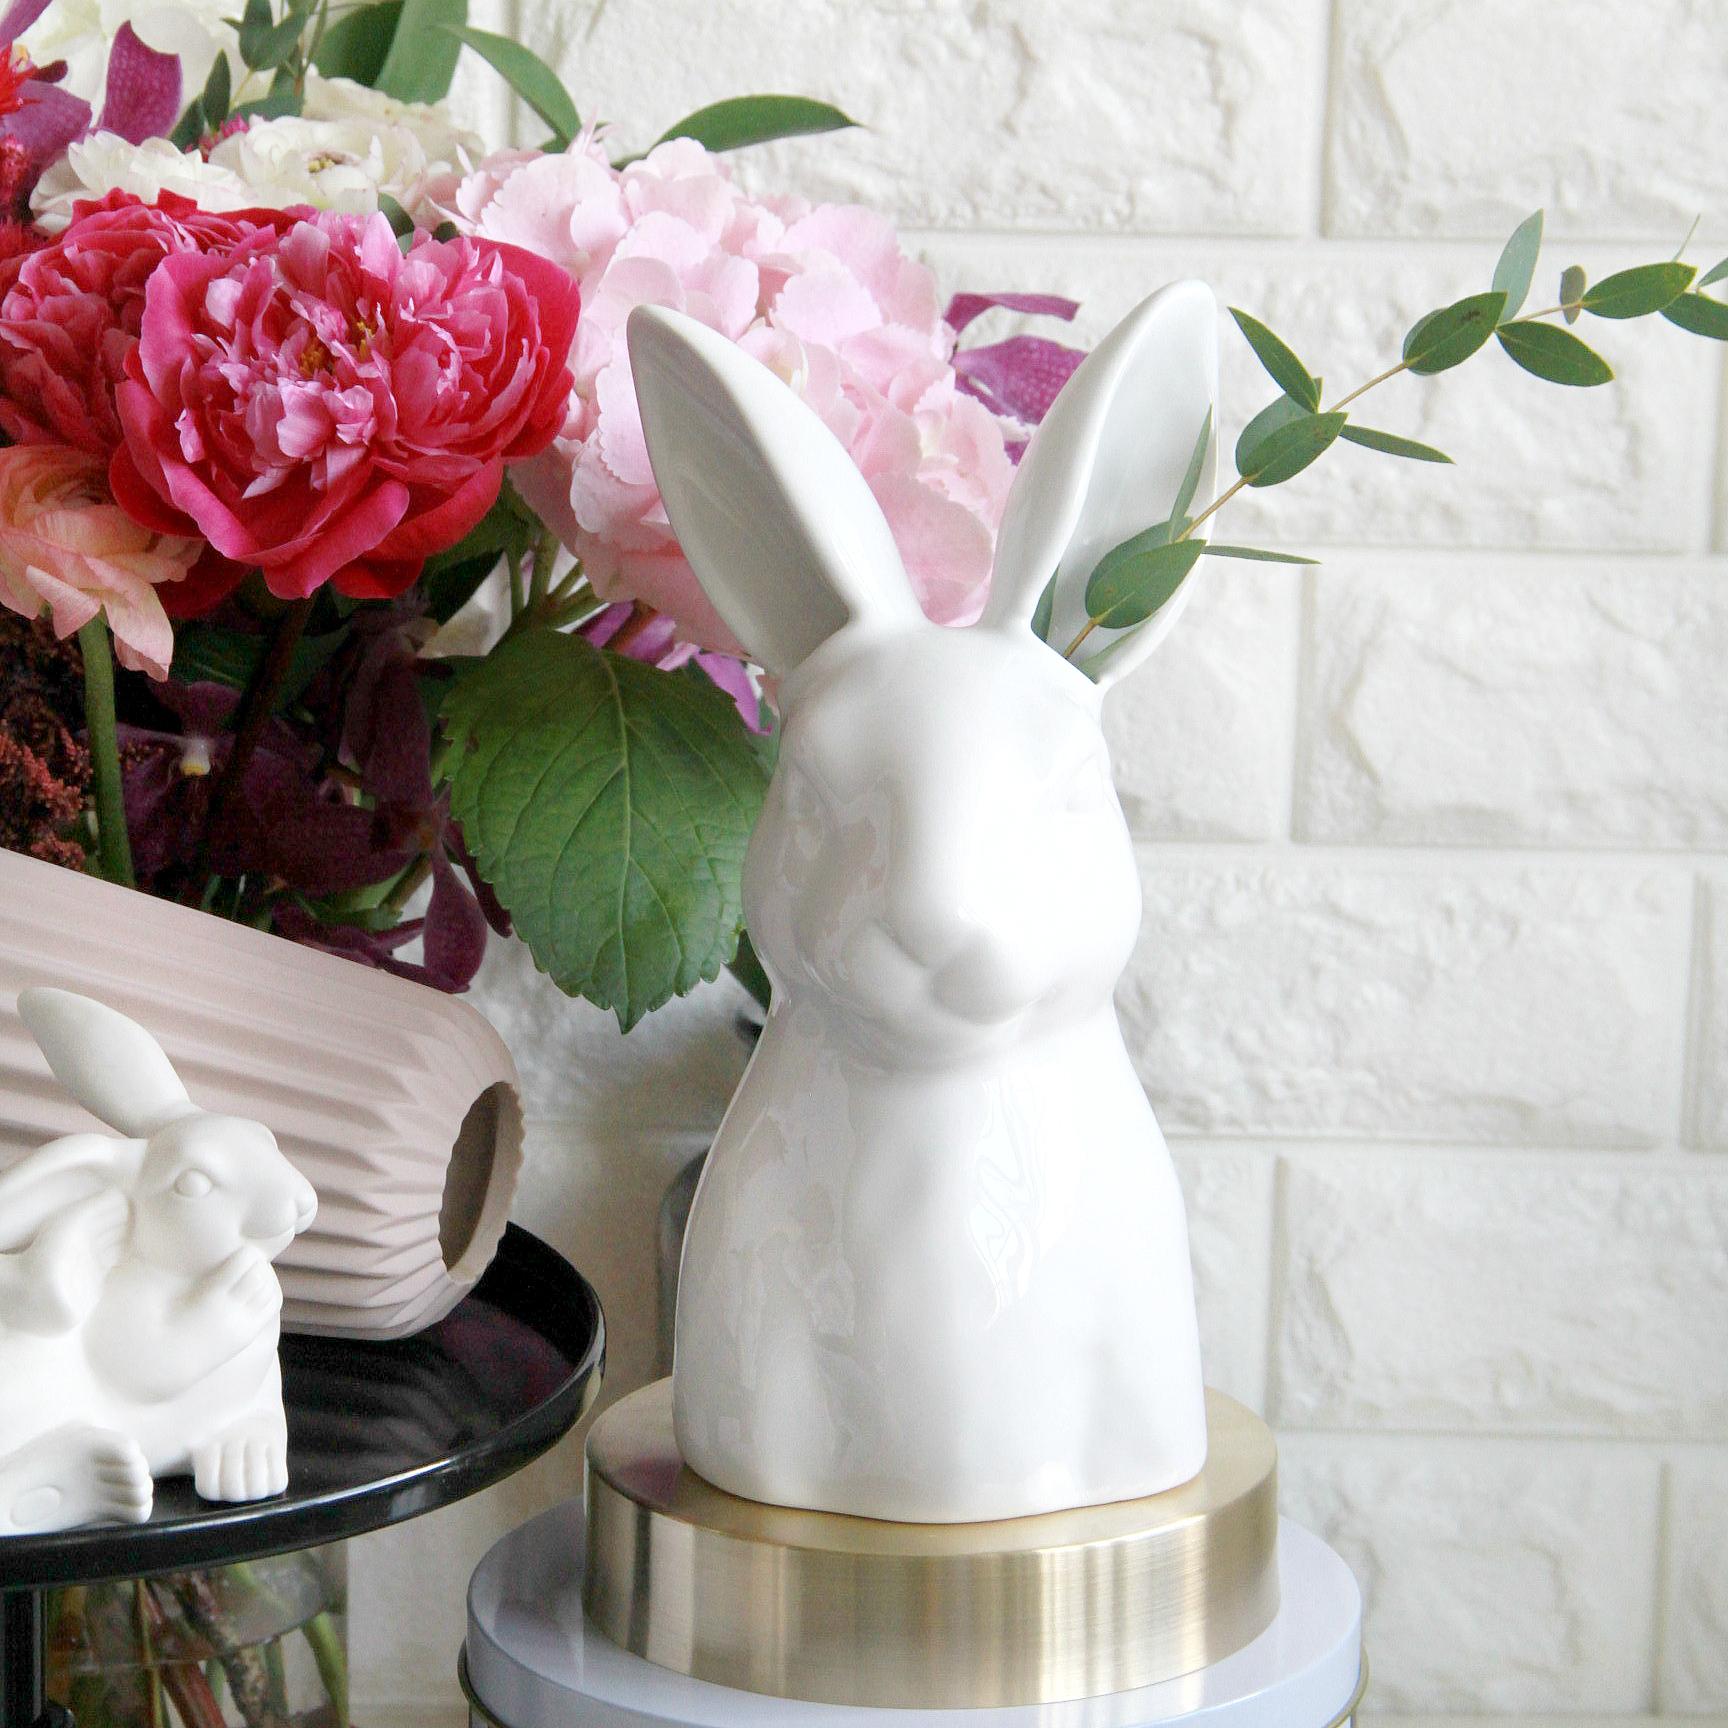 White Rabbit Ear Vase